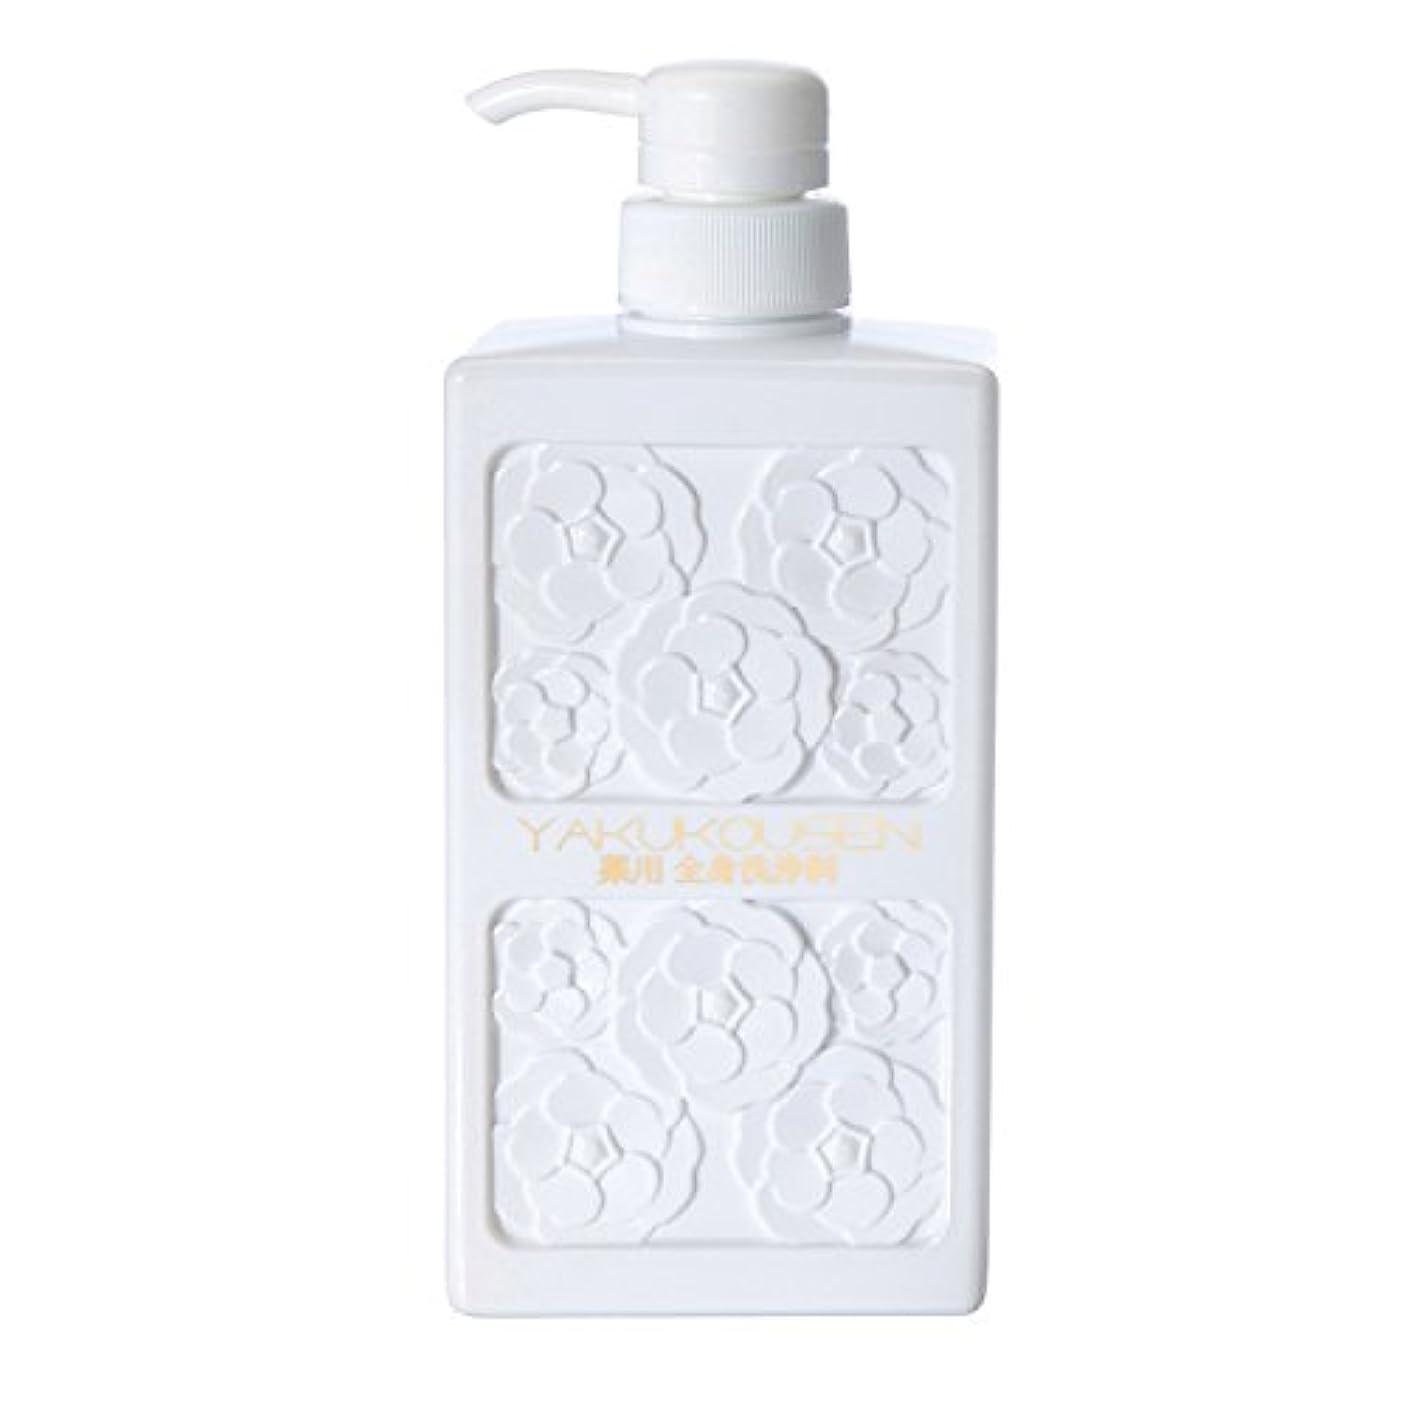 バスケットボール子羊にじみ出る薬酵泉 薬用全身洗浄料 生ローヤルゼリー配合